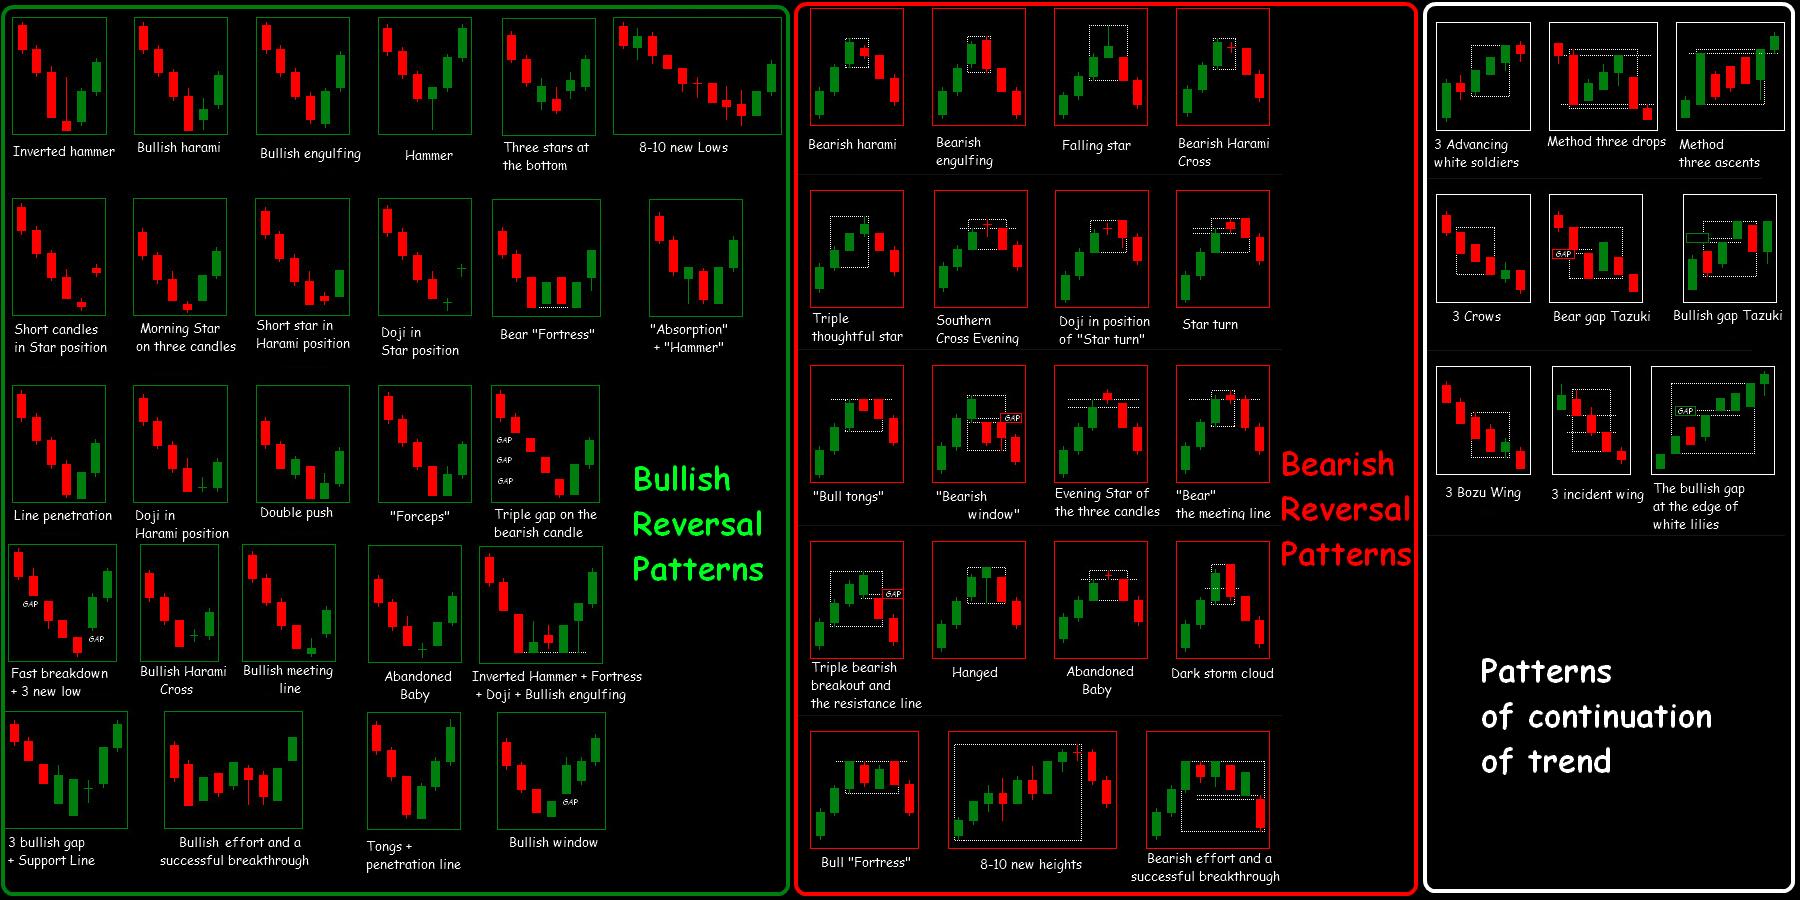 a bináris opciók befektetés nélkül kezdenek kereskedni